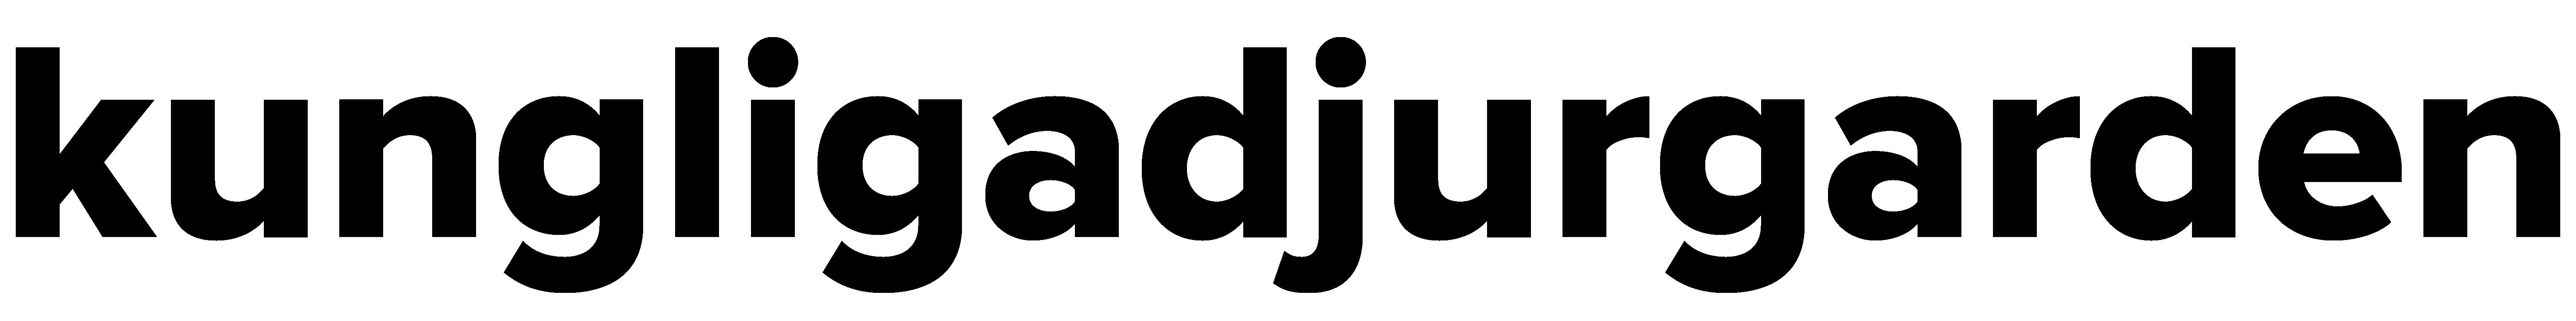 Logo kungligadjurgarden - Kungliga Djurgården - En av världens vackraste stadsparker. - @kungligadjurgarden - kungligadjurgarden.com